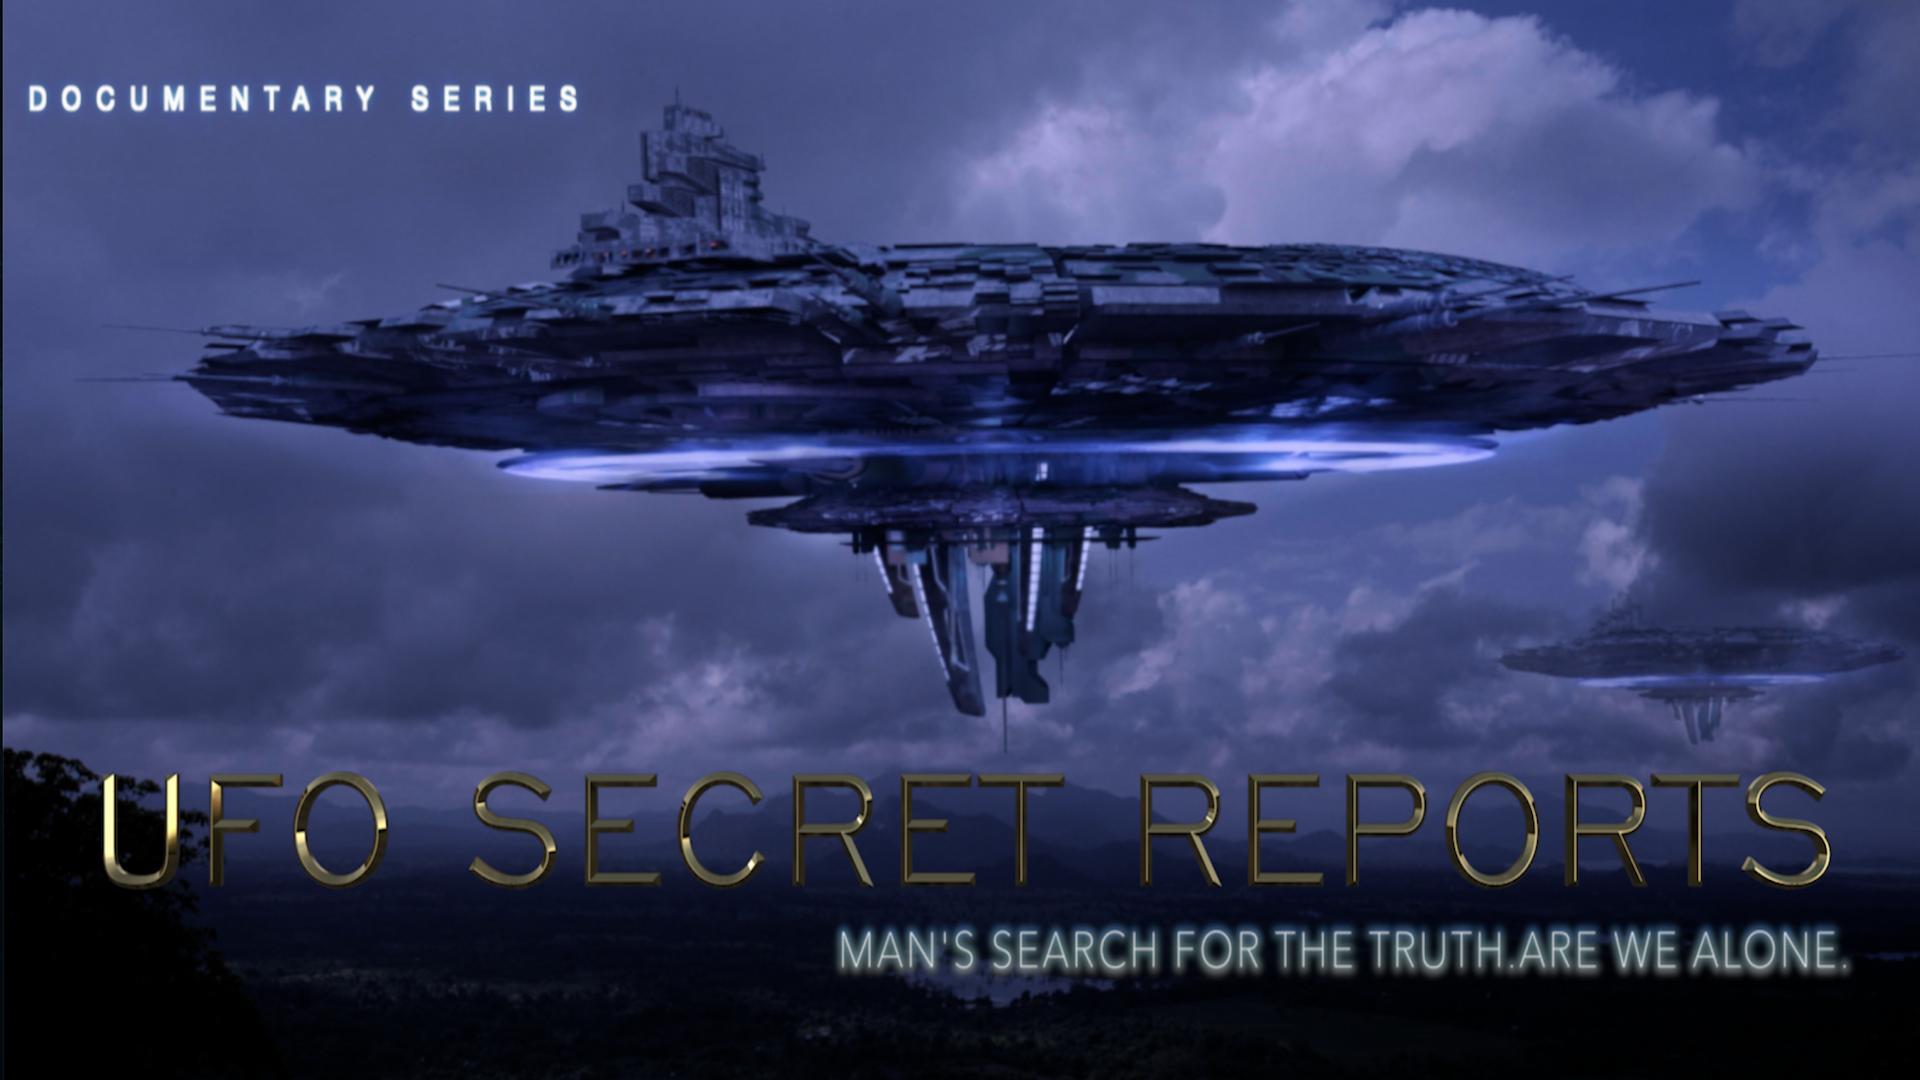 UFO Secret Reports